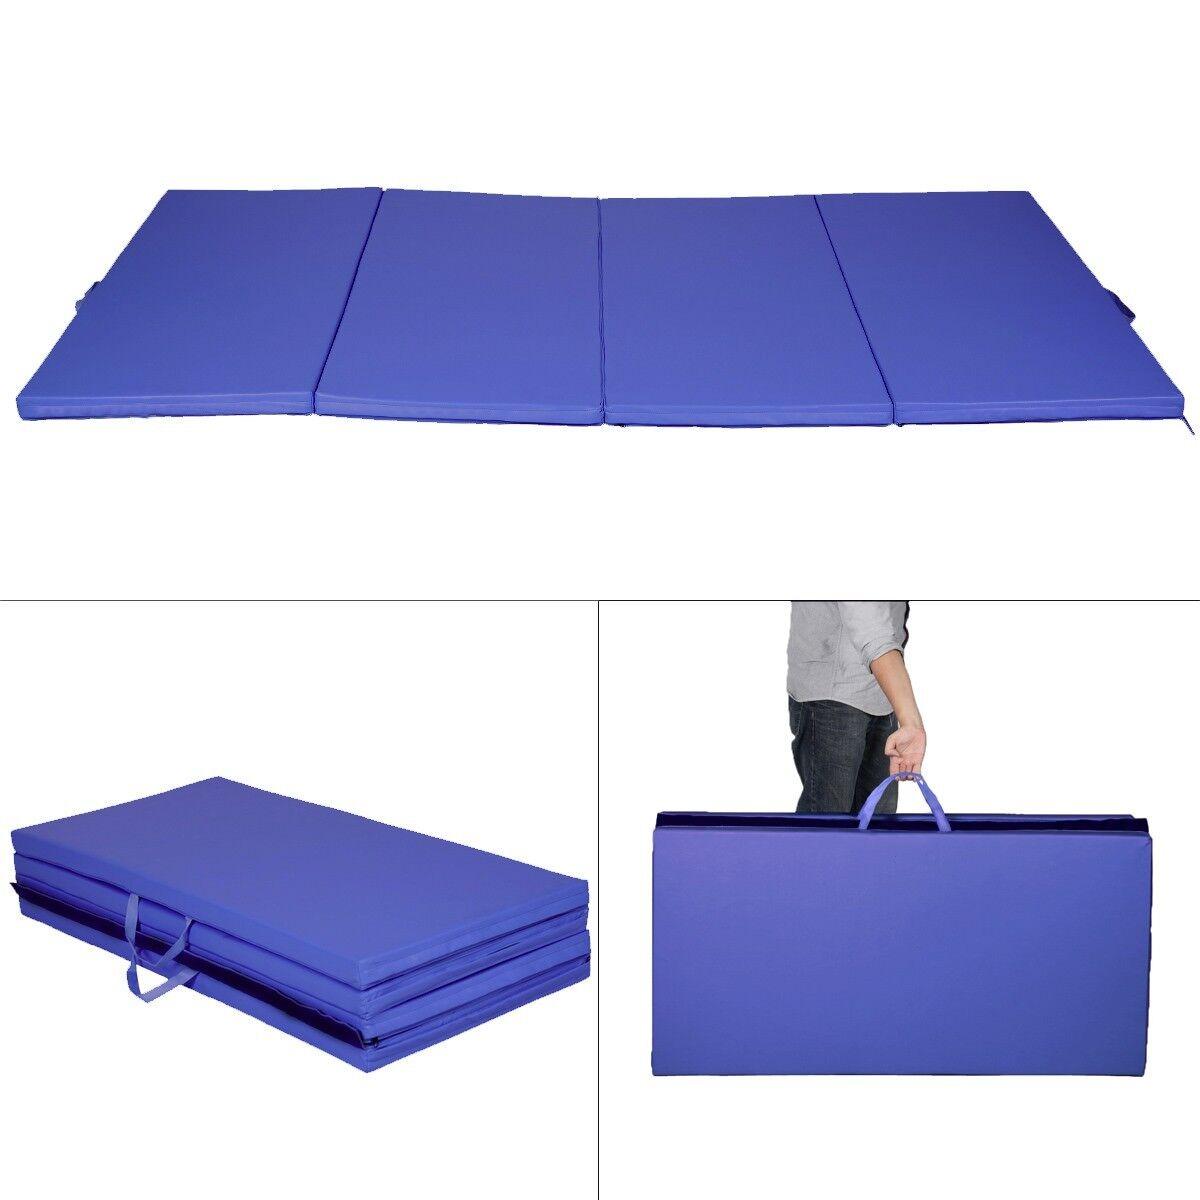 Turnmatte Kinderturnmatte Bodenmatte weichboden Fitnessmatte 4 x Klappbar Blau